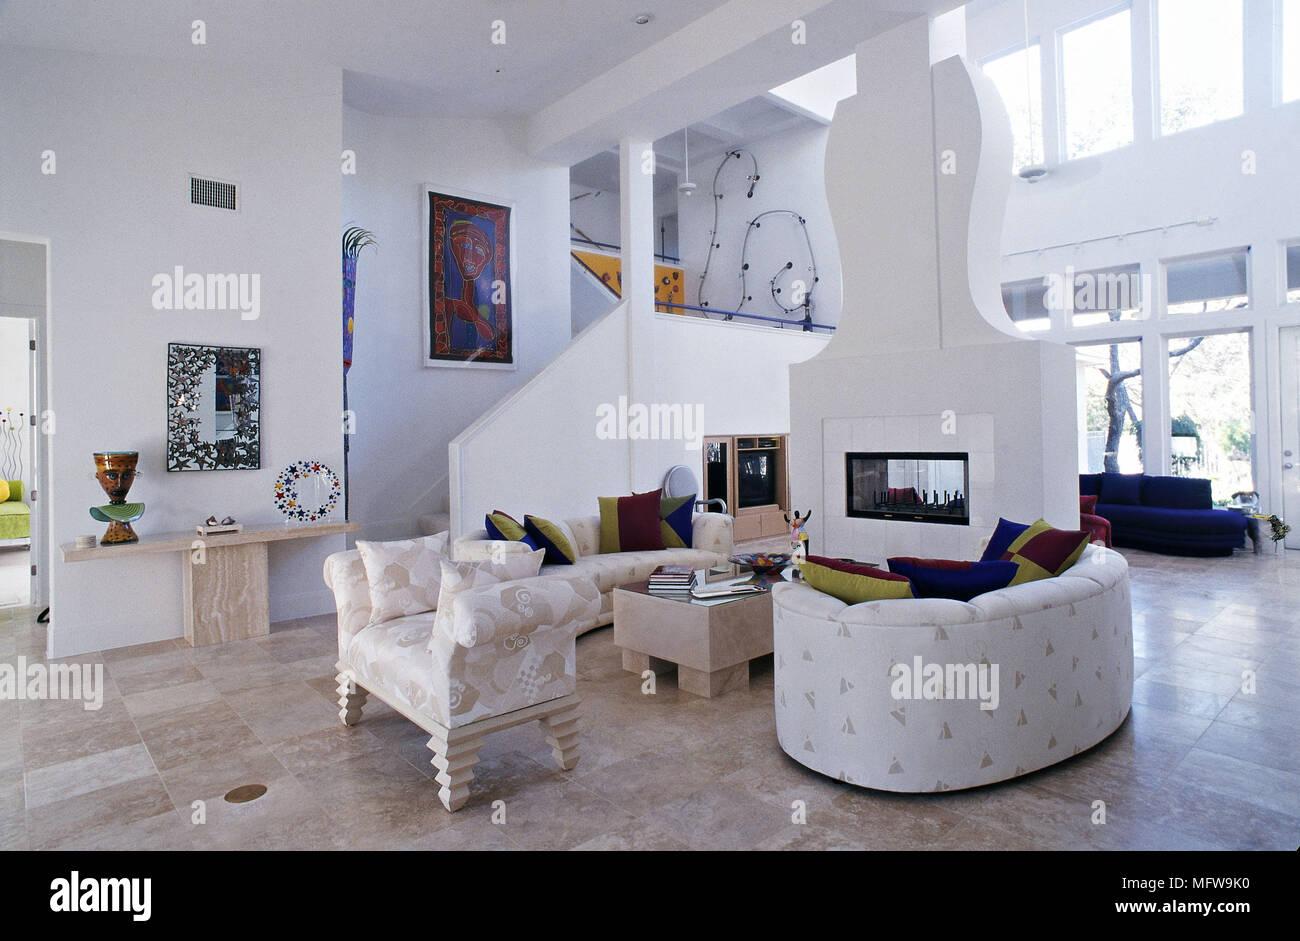 Contemporain spacieux salon avec murs blancs canapés à motifs et ...